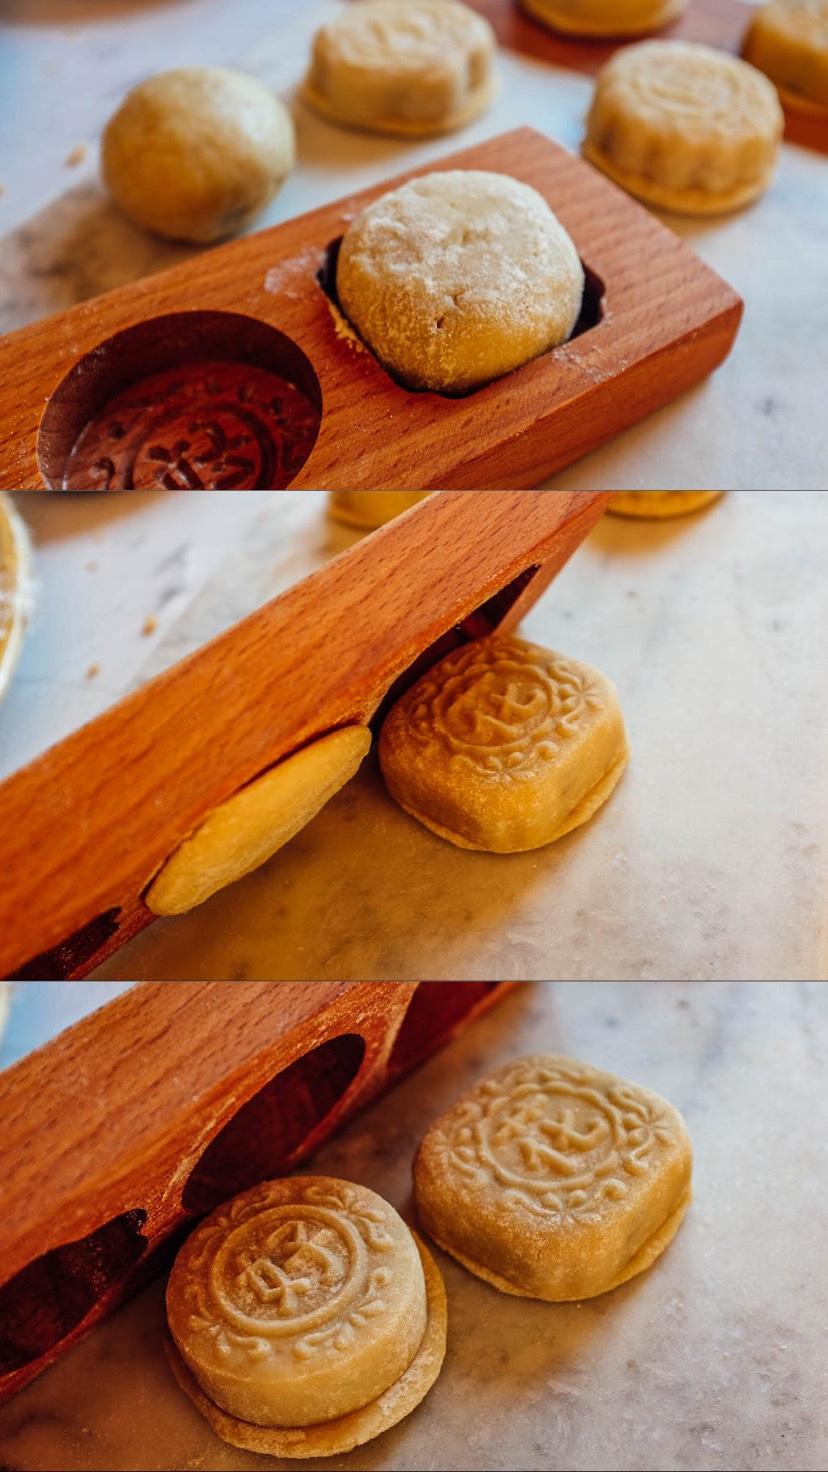 Impolvera la pallina di mooncake con un fine strato di farina tostata. Mettila nella forma, gentilmente premi fino a che il preparato è completamente dentro la forma.